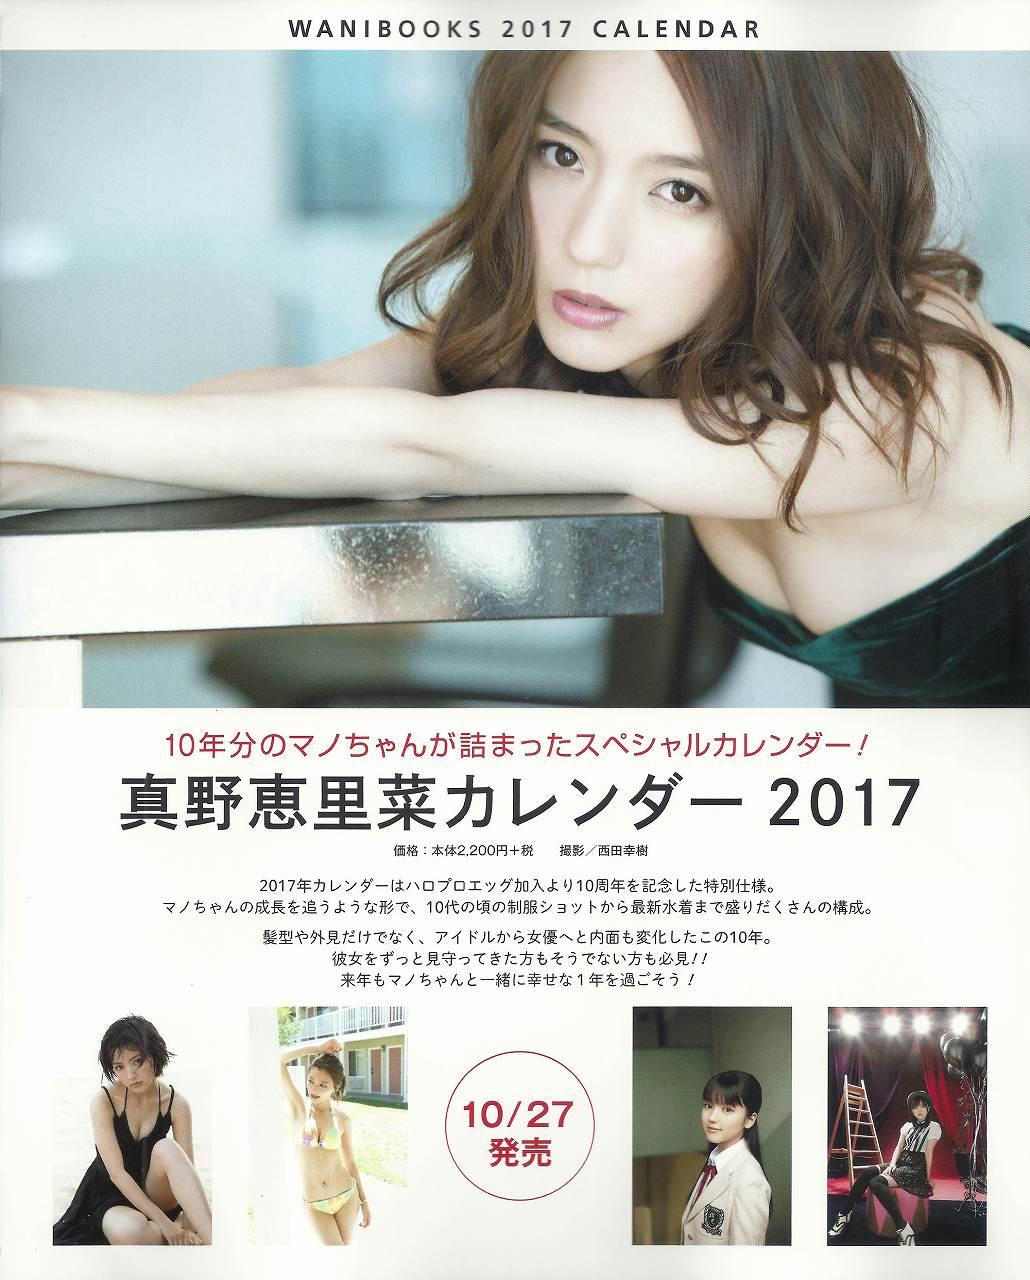 真野恵里菜カレンダー 2017の広告